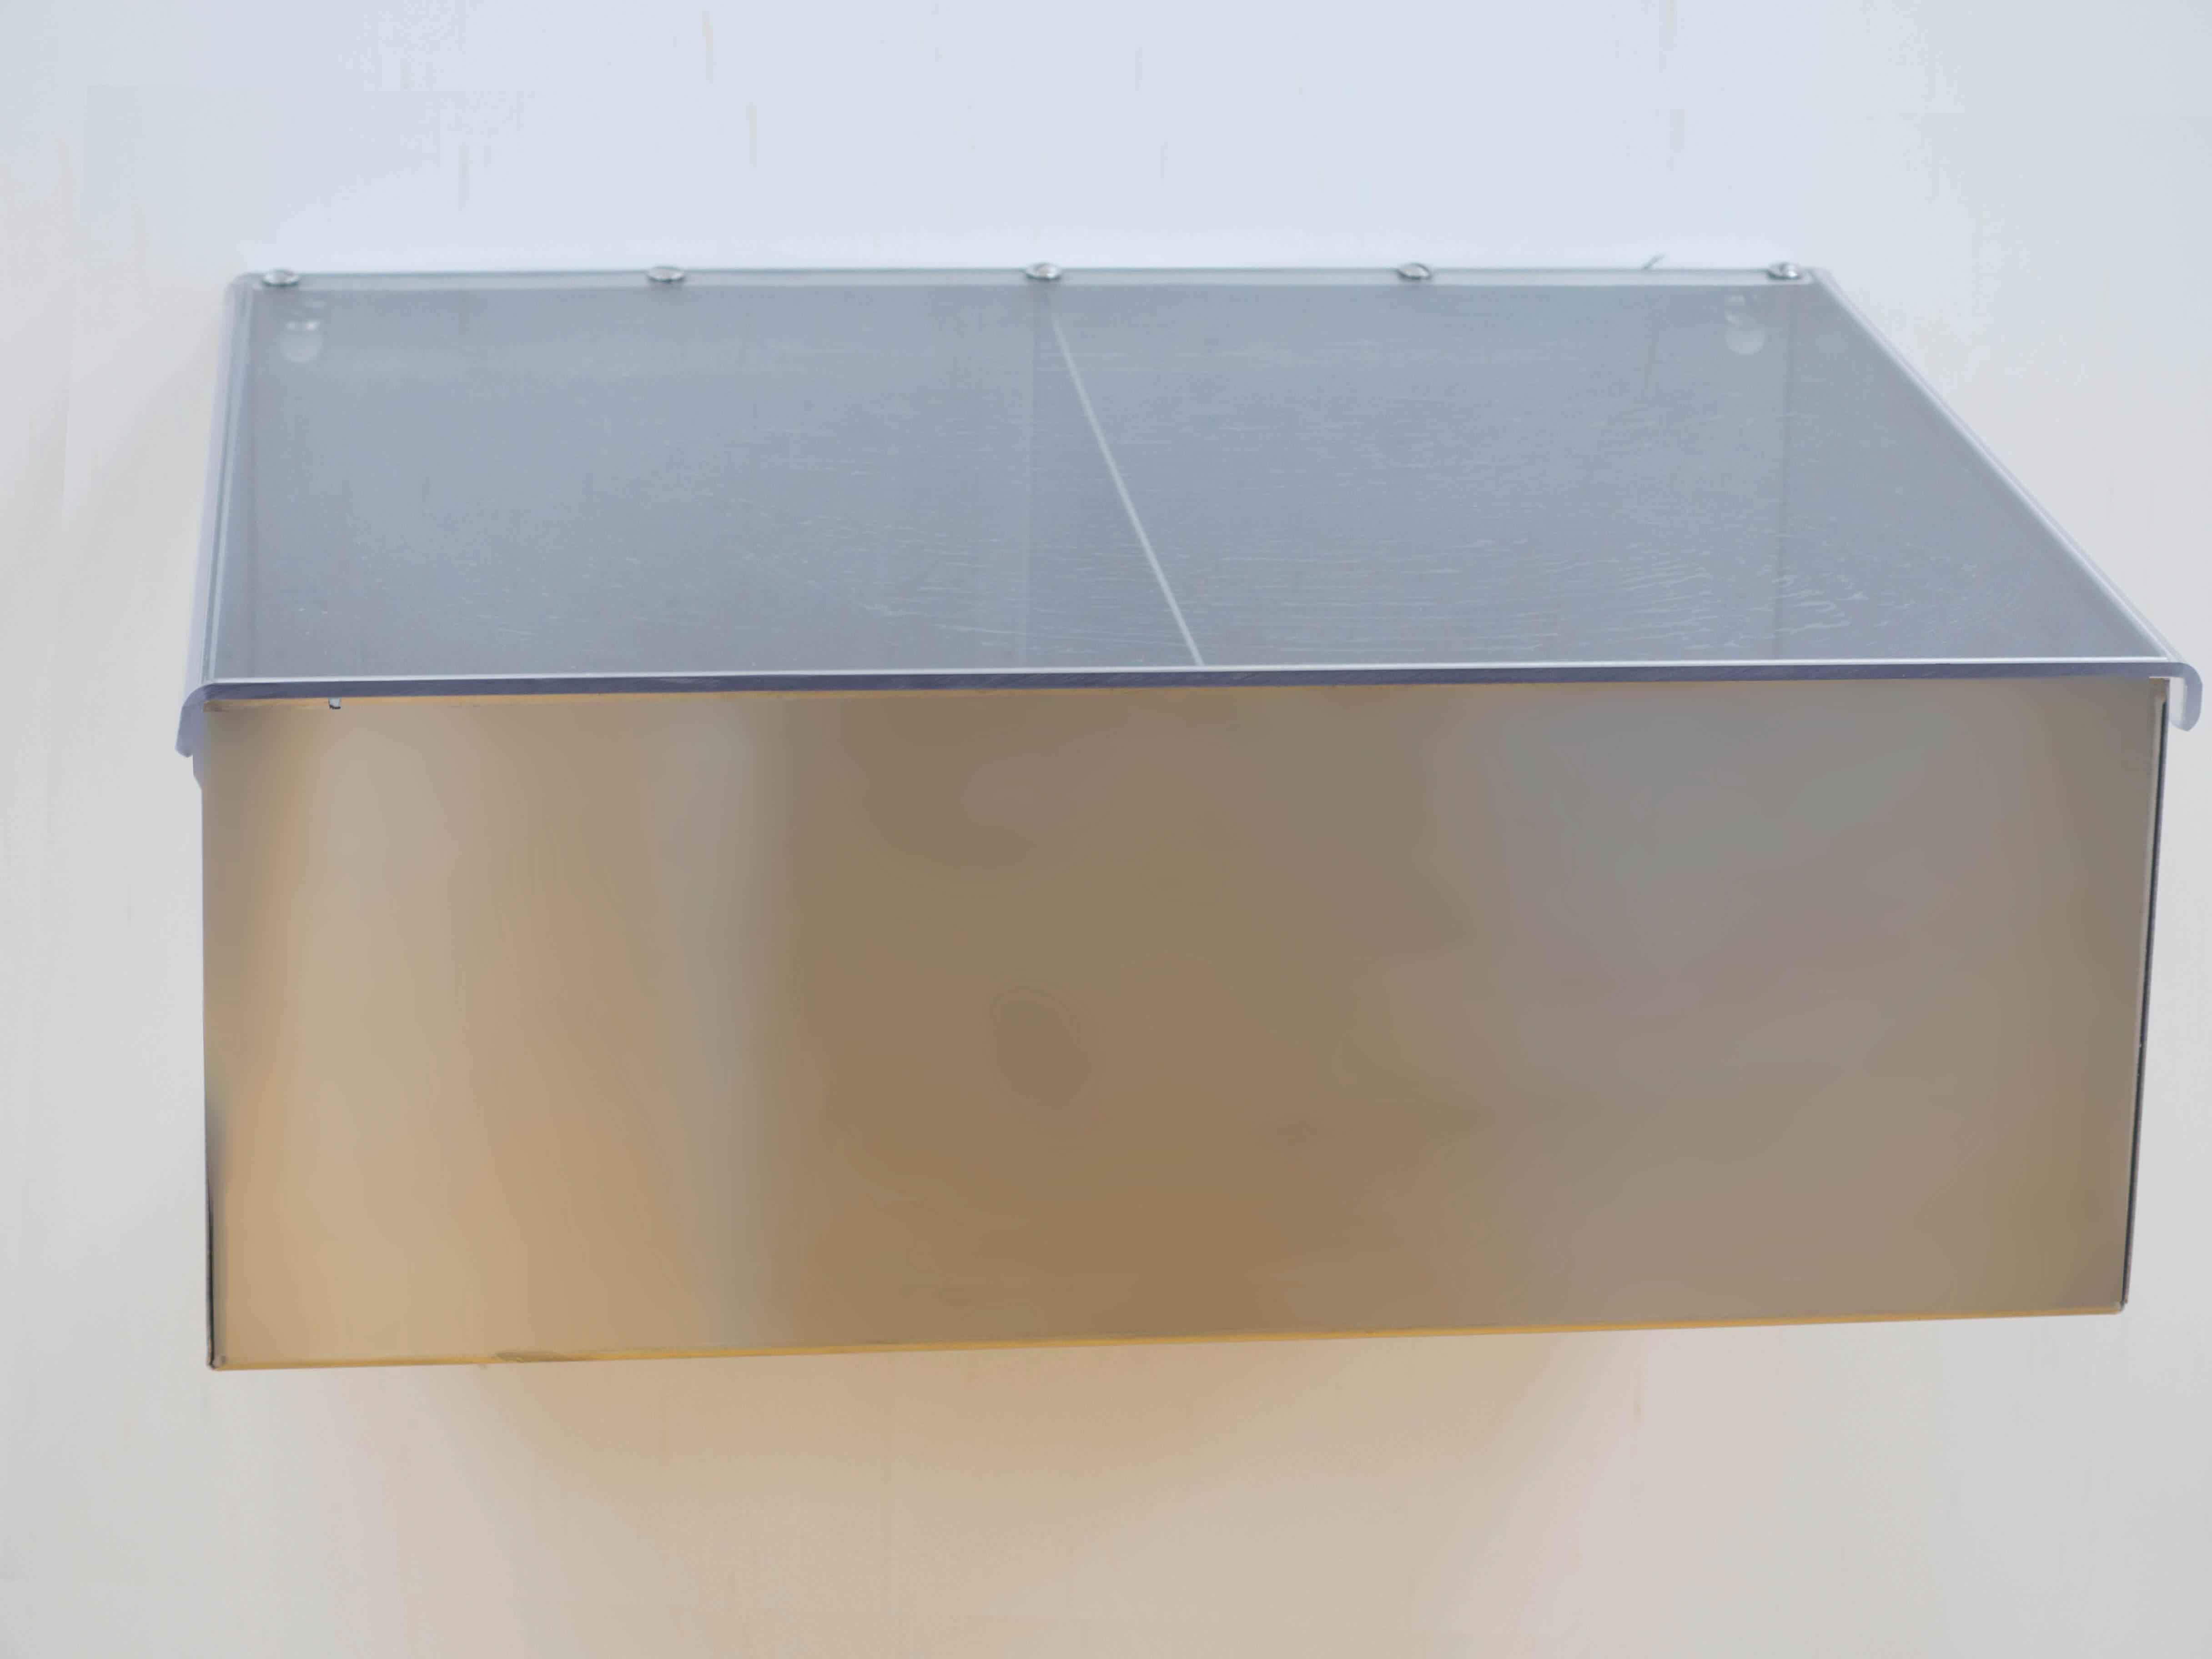 Laboratorio_PCL3_Dispenser_cuffie_mascherine